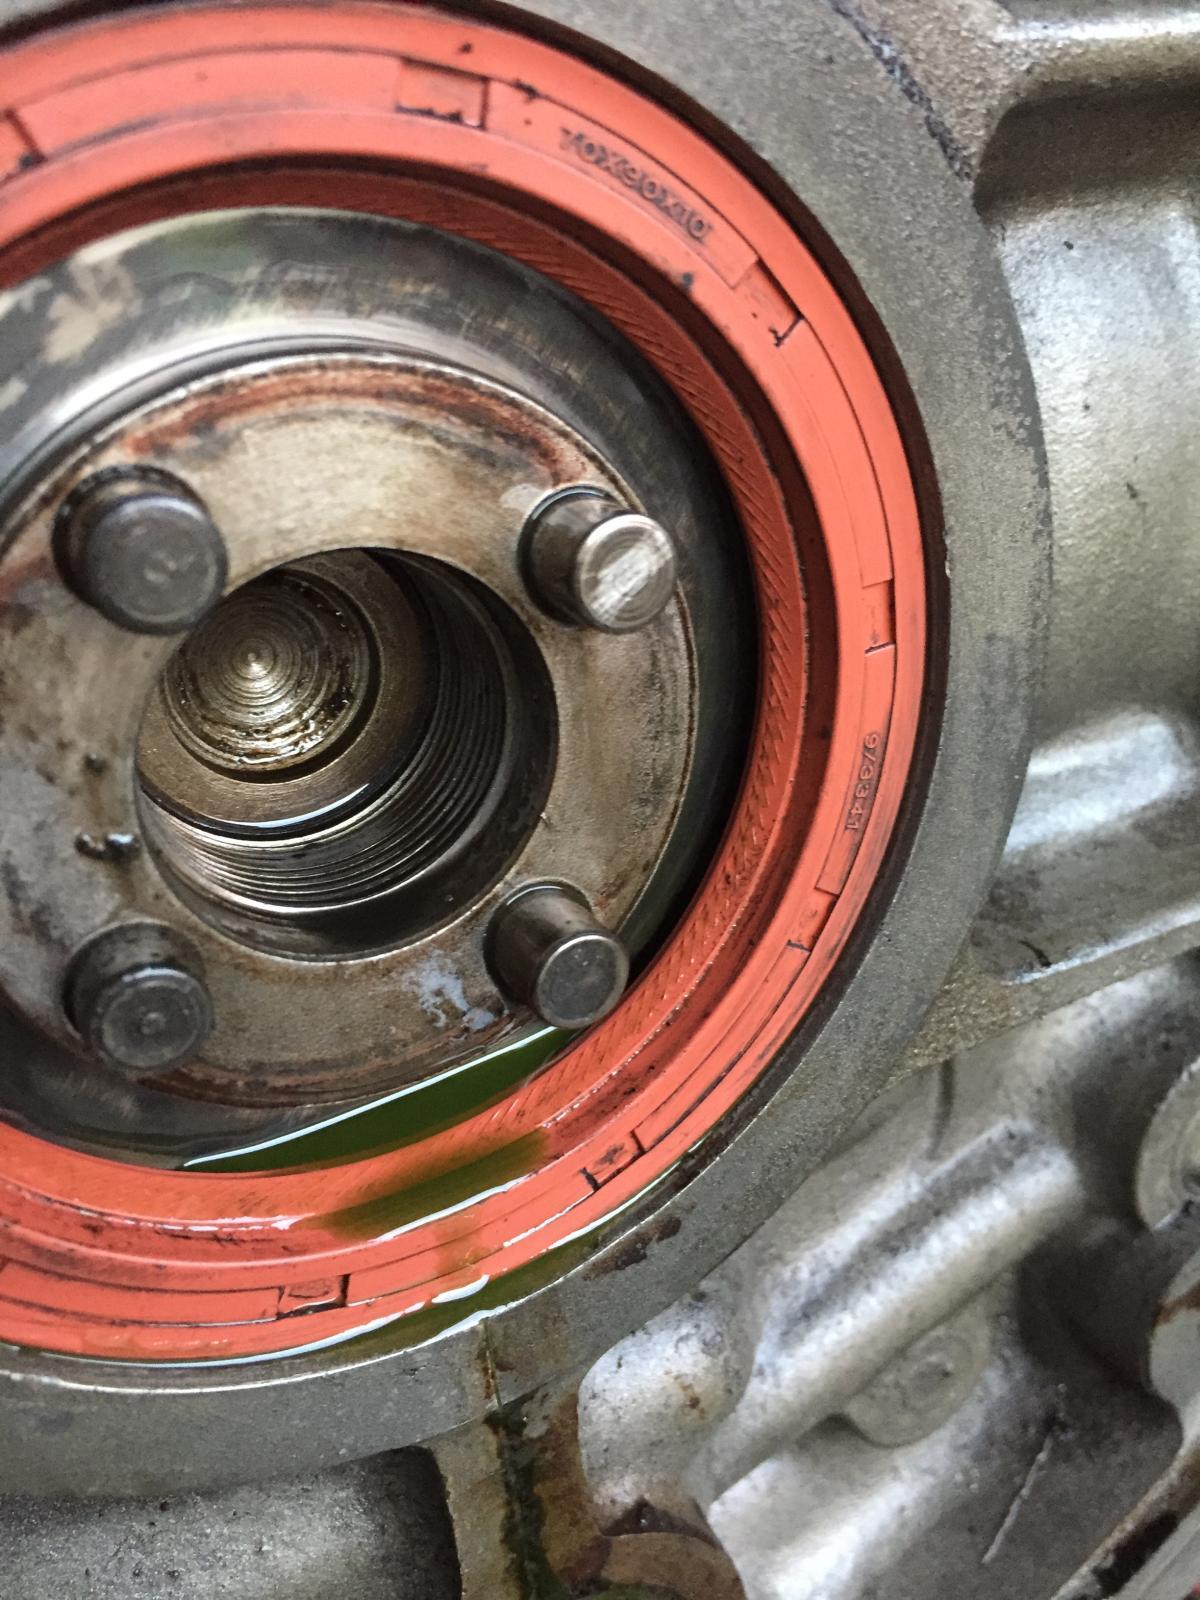 Leak at flywheel